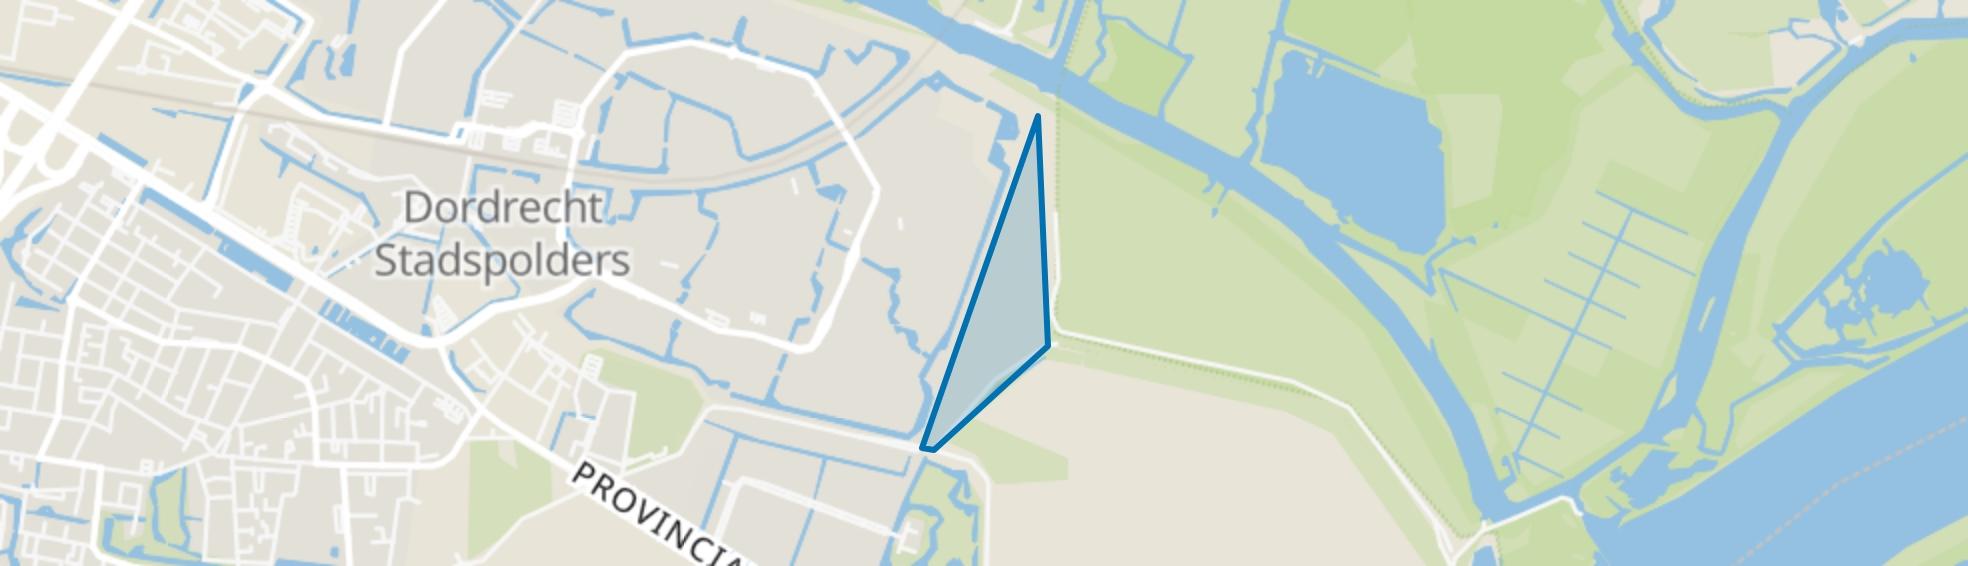 Bildersteeg en omgeving, Dordrecht map